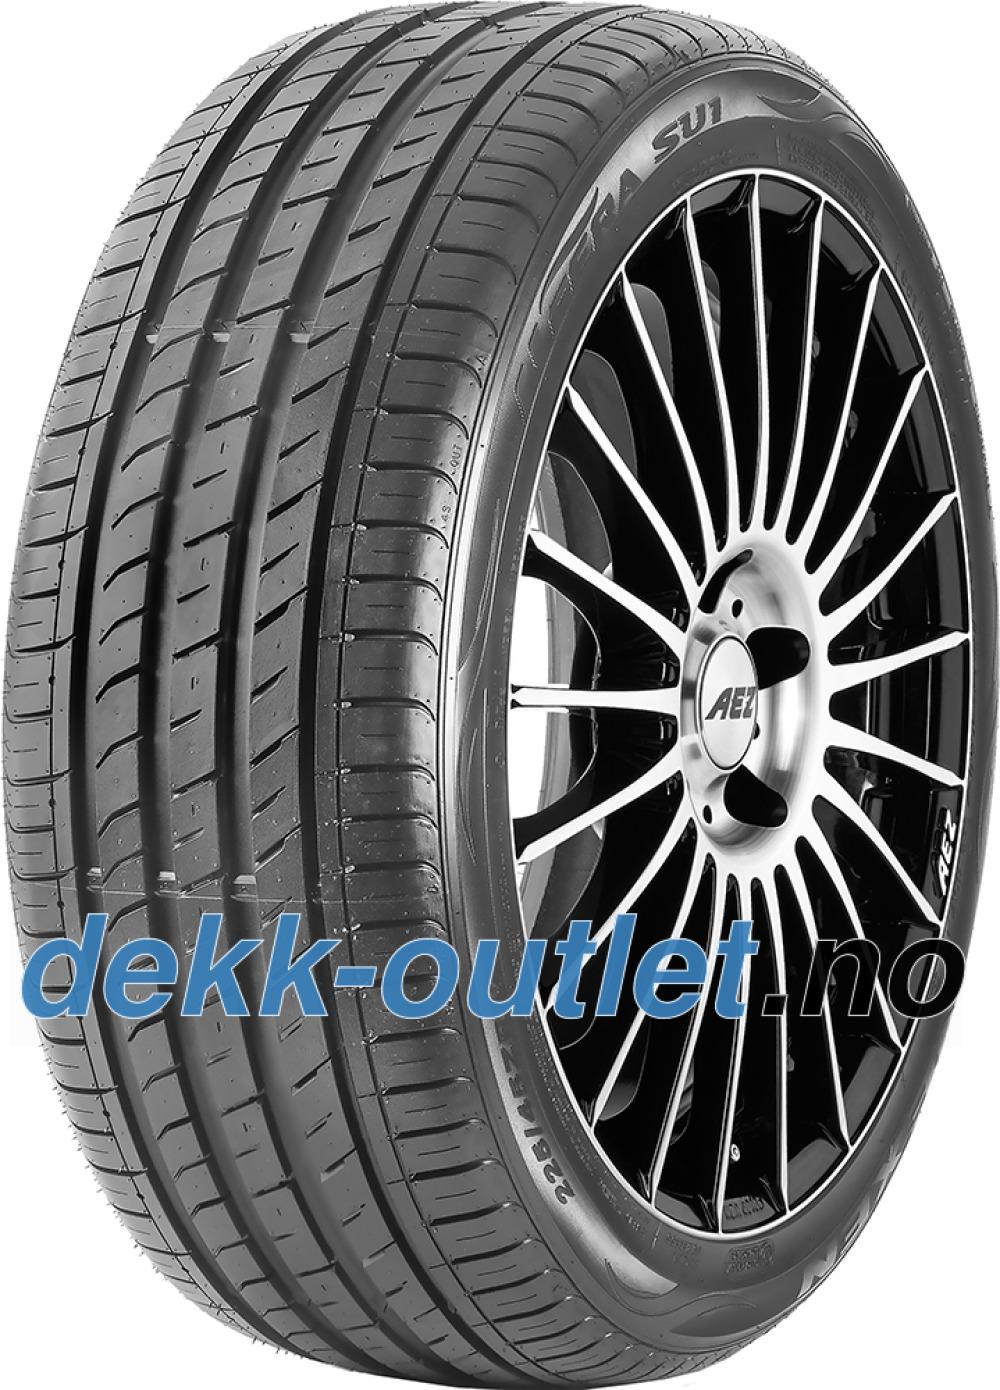 Nexen N Fera SU1 ( 225/45 R19 96W XL 4PR RPB )